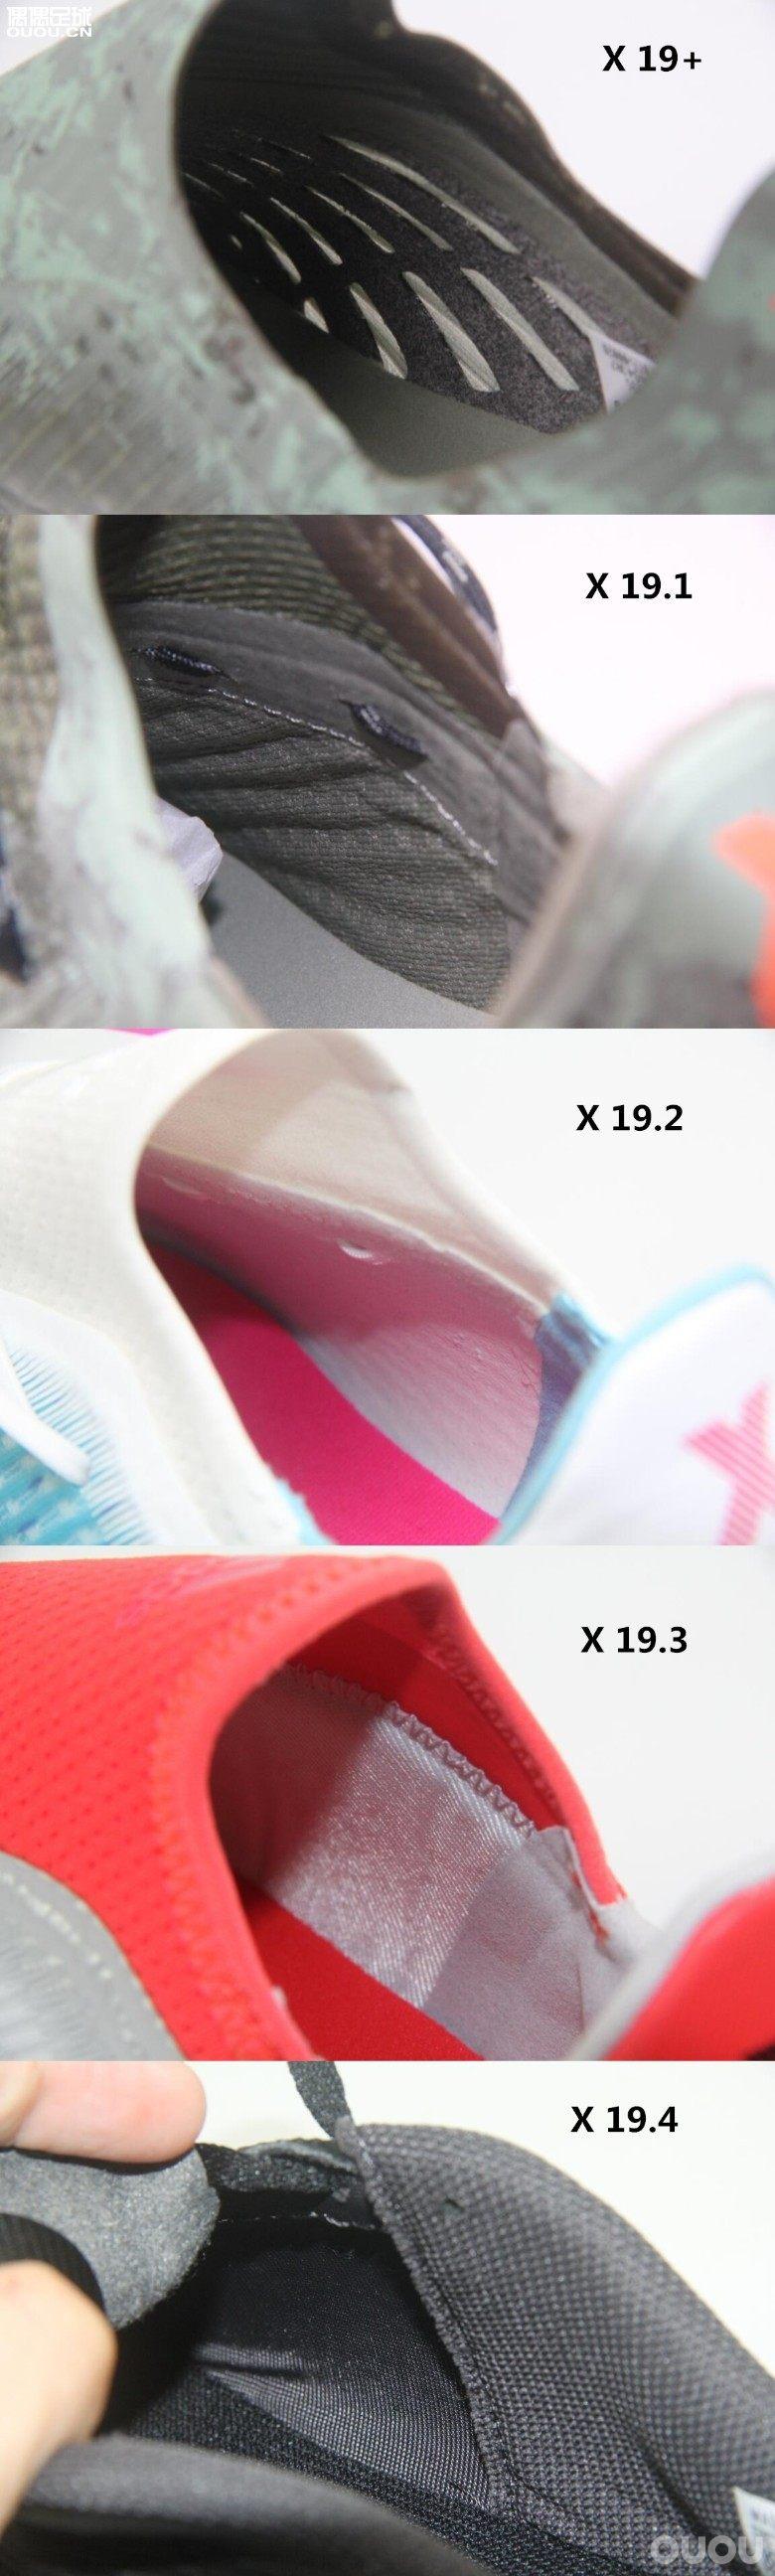 次顶级真的有那么香?X 19全系列横向对比